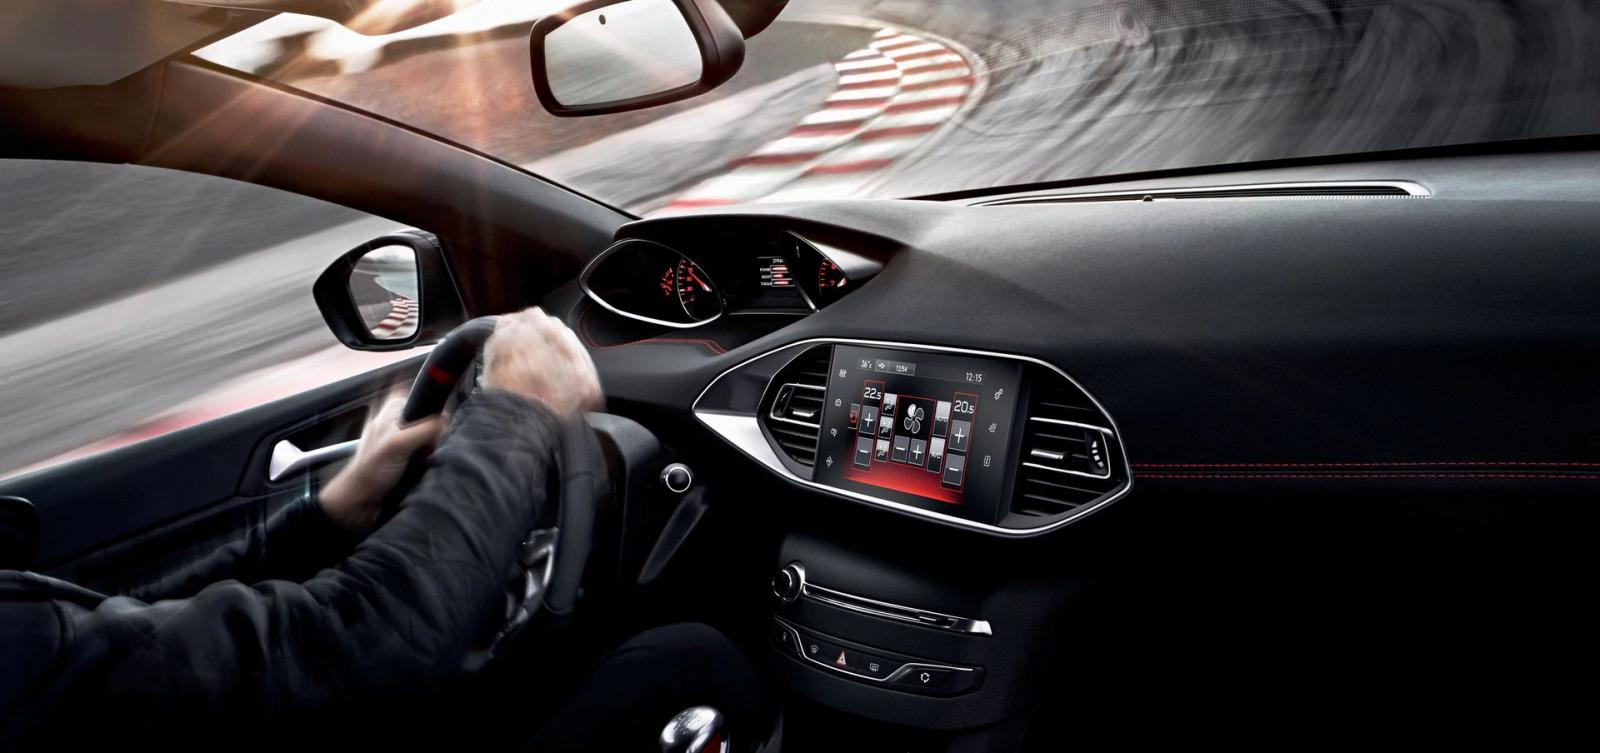 Peugeot 308 precio mexico